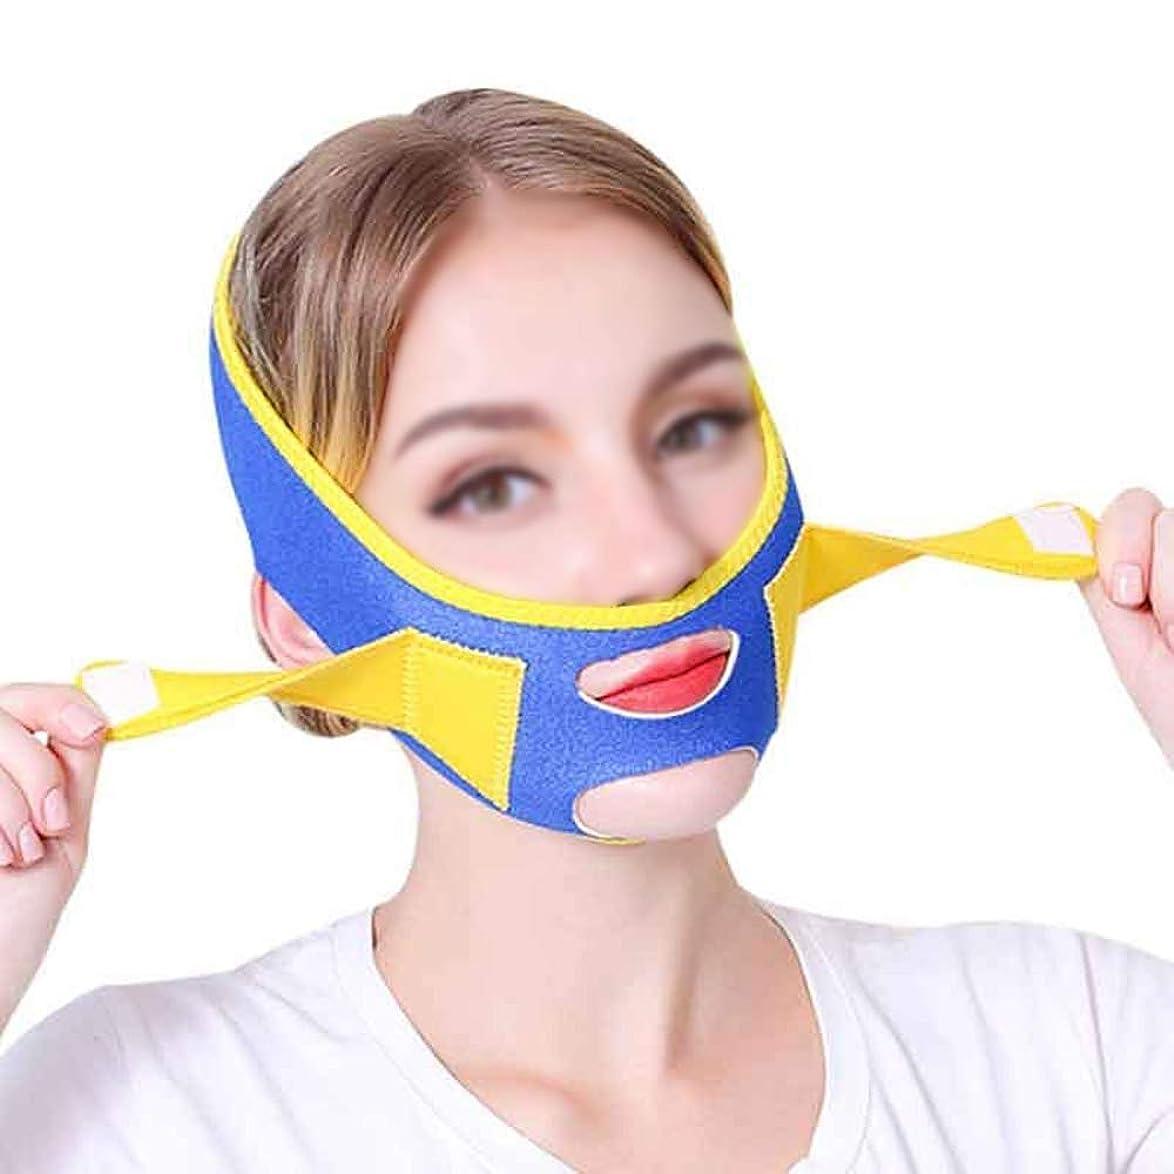 迷路最大限移住するフェイスリフトマスク、あごひも回復包帯薄いフェイスマスクVフェイスステッカーフェイスリフトステッカー韓国本物のリフティング引き締め引き締め成形薄いダブルチンフェイスリフト睡眠包帯アーティファクト